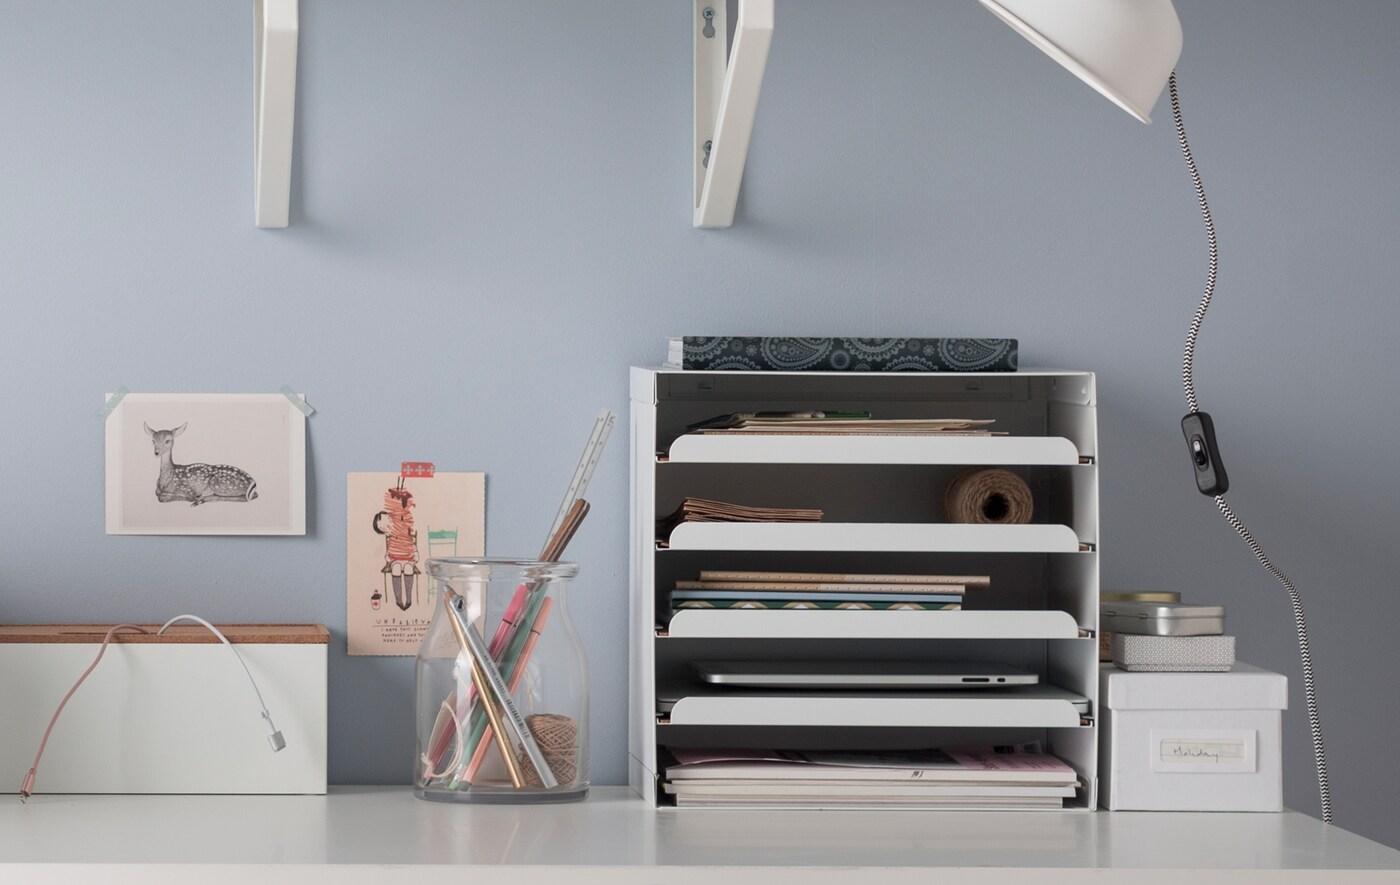 Ein weißer Schreibtisch, schön aufgeräumt mit Briefablage, Tabletts, Boxen für Aufbewahrung und Kabelmanagement